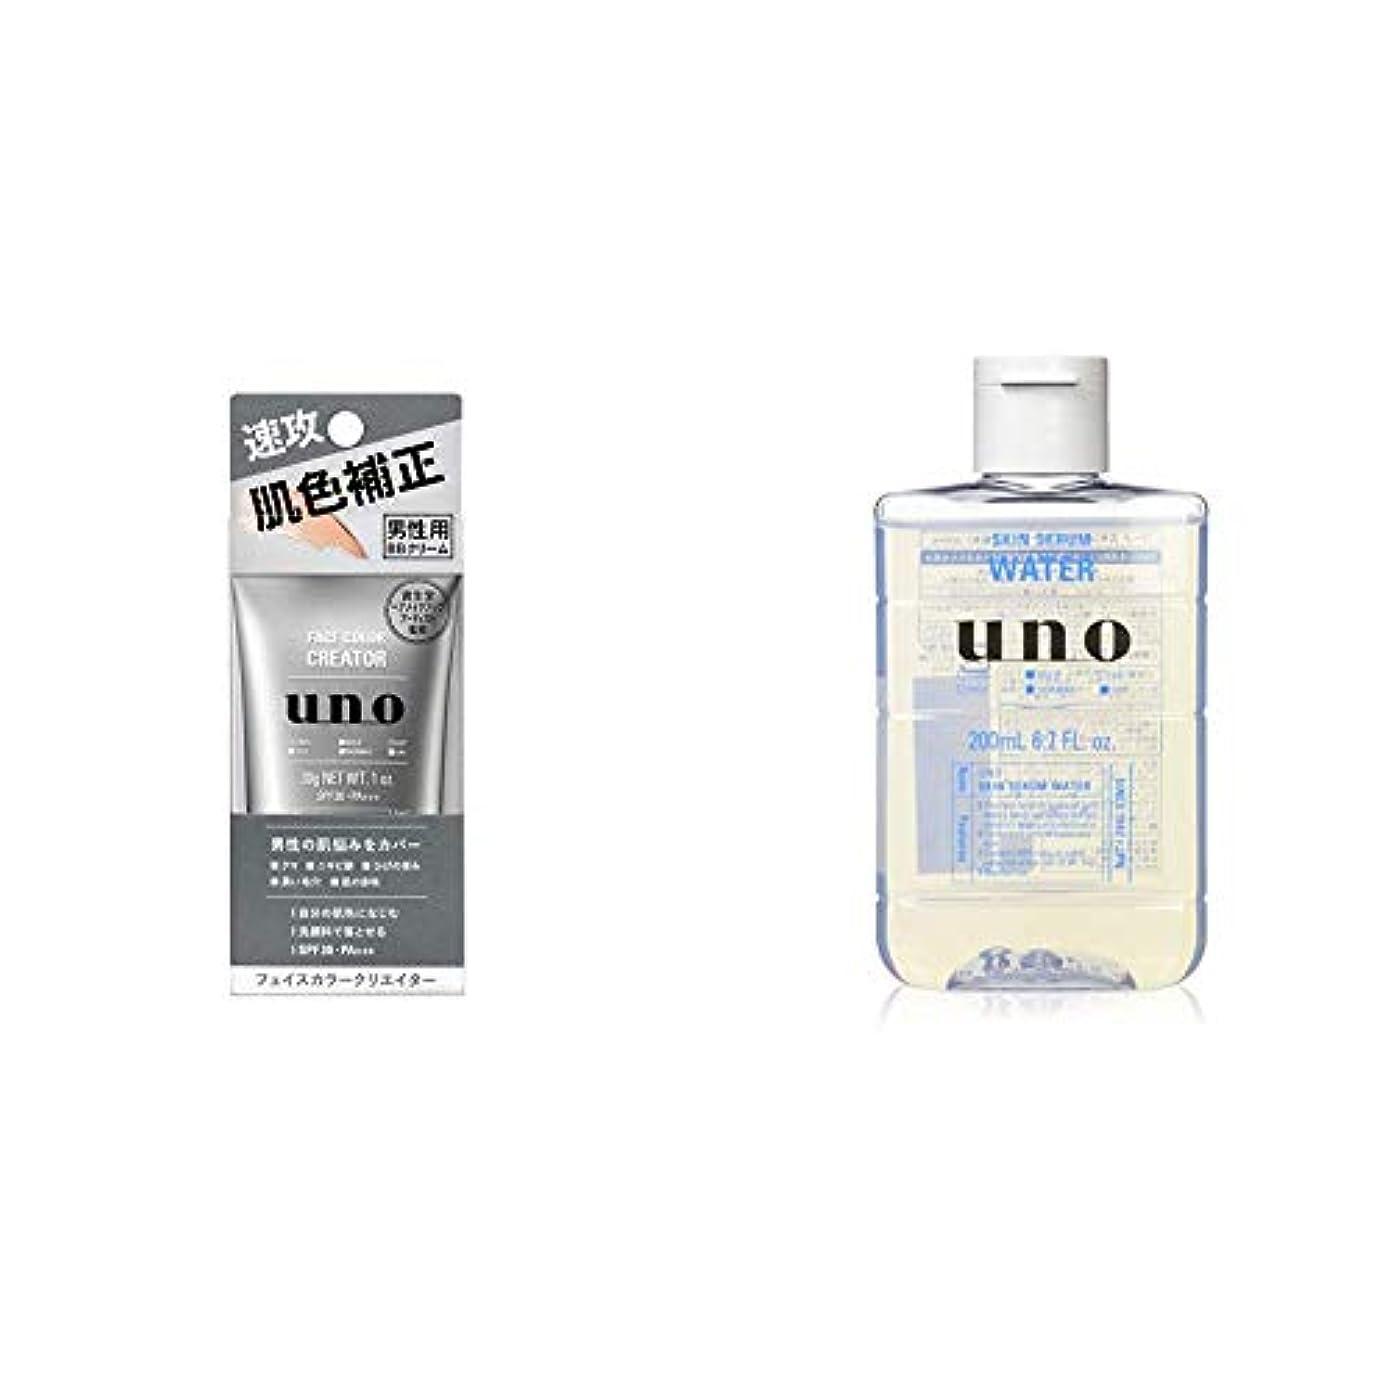 メールレジデンス幼児UNO(ウーノ)フェイスカラークリエイター BBクリーム メンズ SPF30 PA+++ 30g & ウーノ スキンセラムウォーター 男性用化粧水 200ml